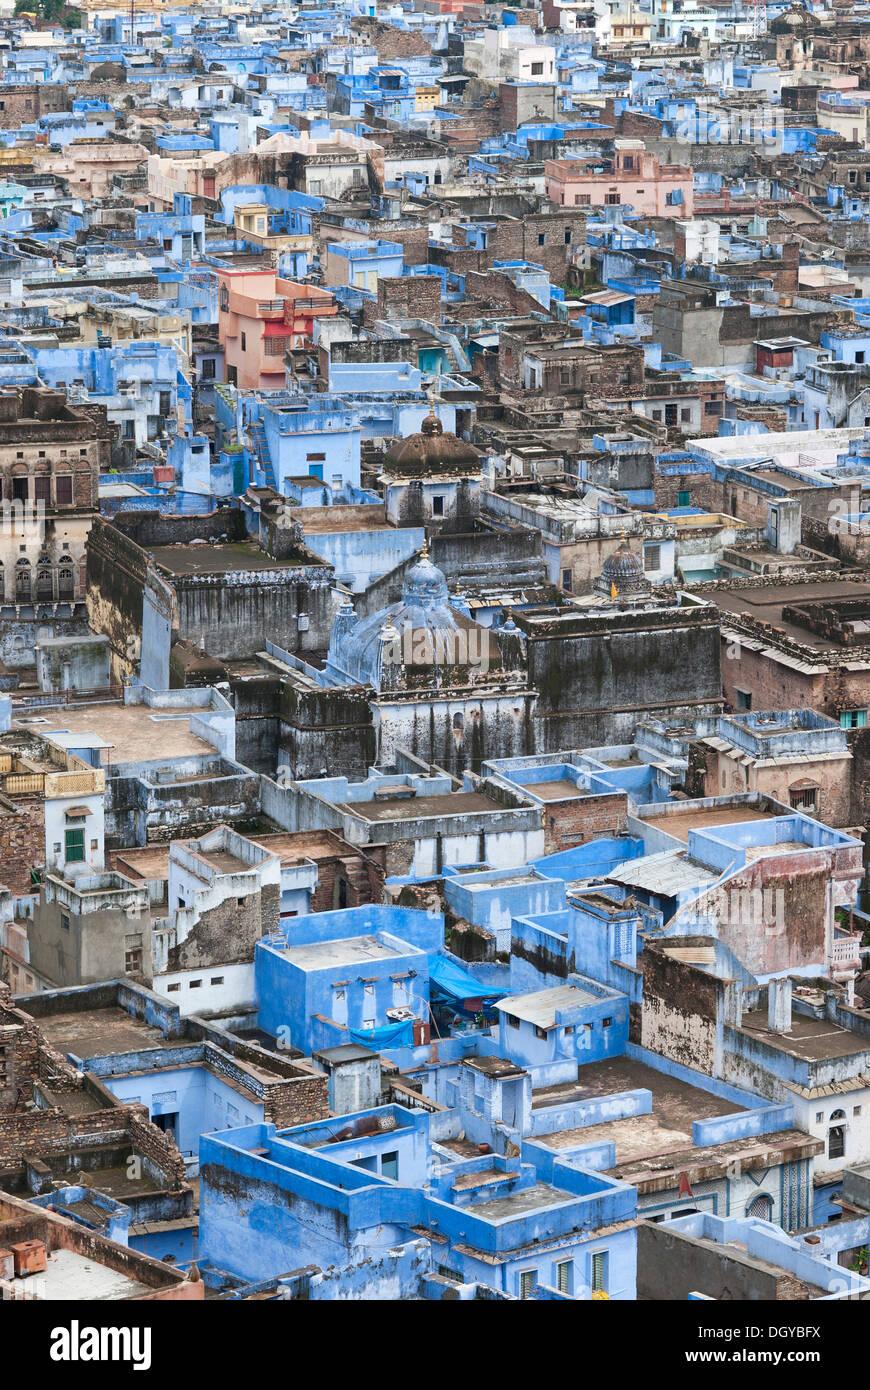 La ville bleue de Bundi, Rajasthan, Inde, Asie Banque D'Images